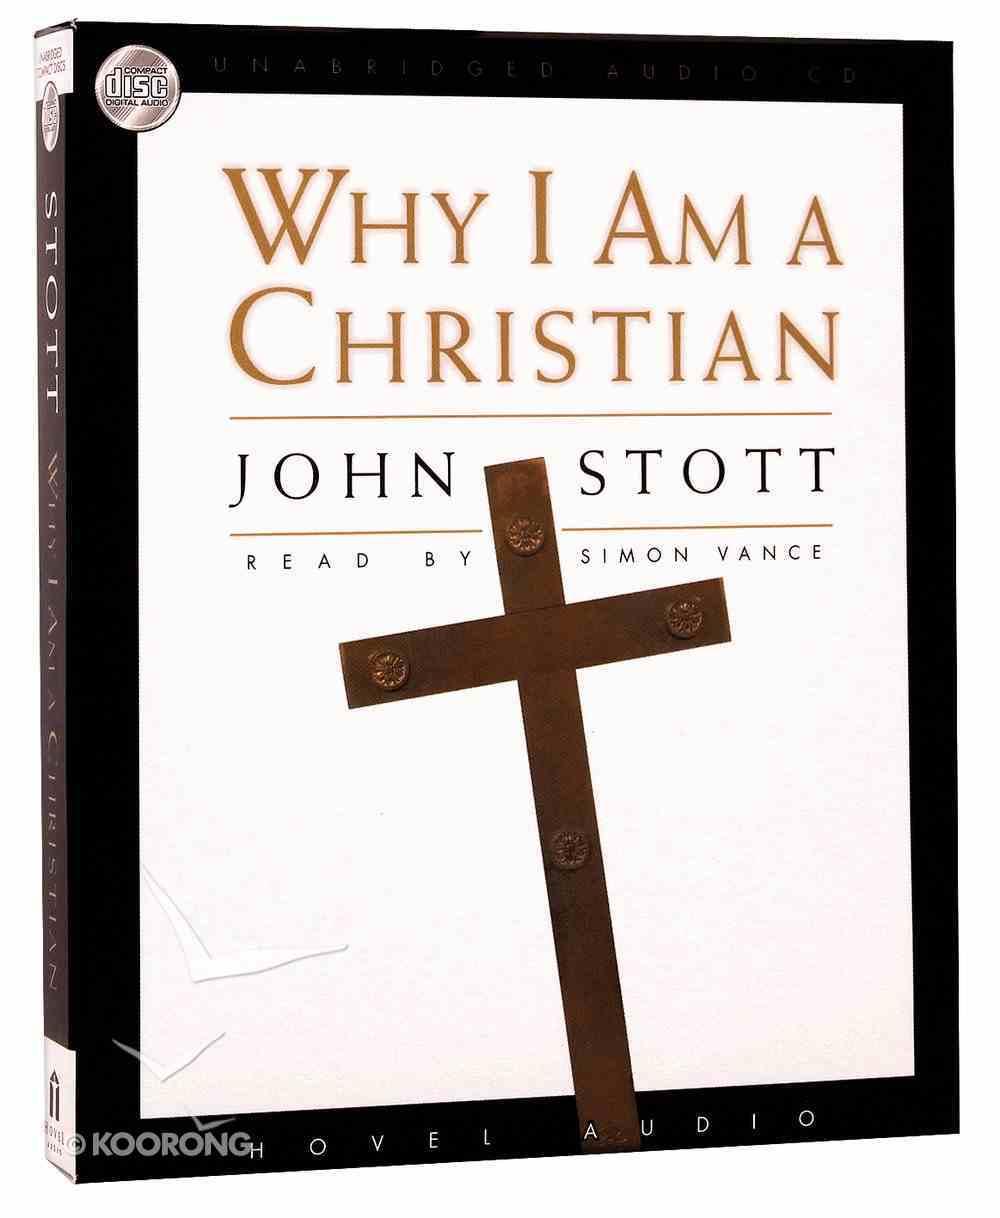 Why I Am a Christian (Unabridged) (3cds) CD